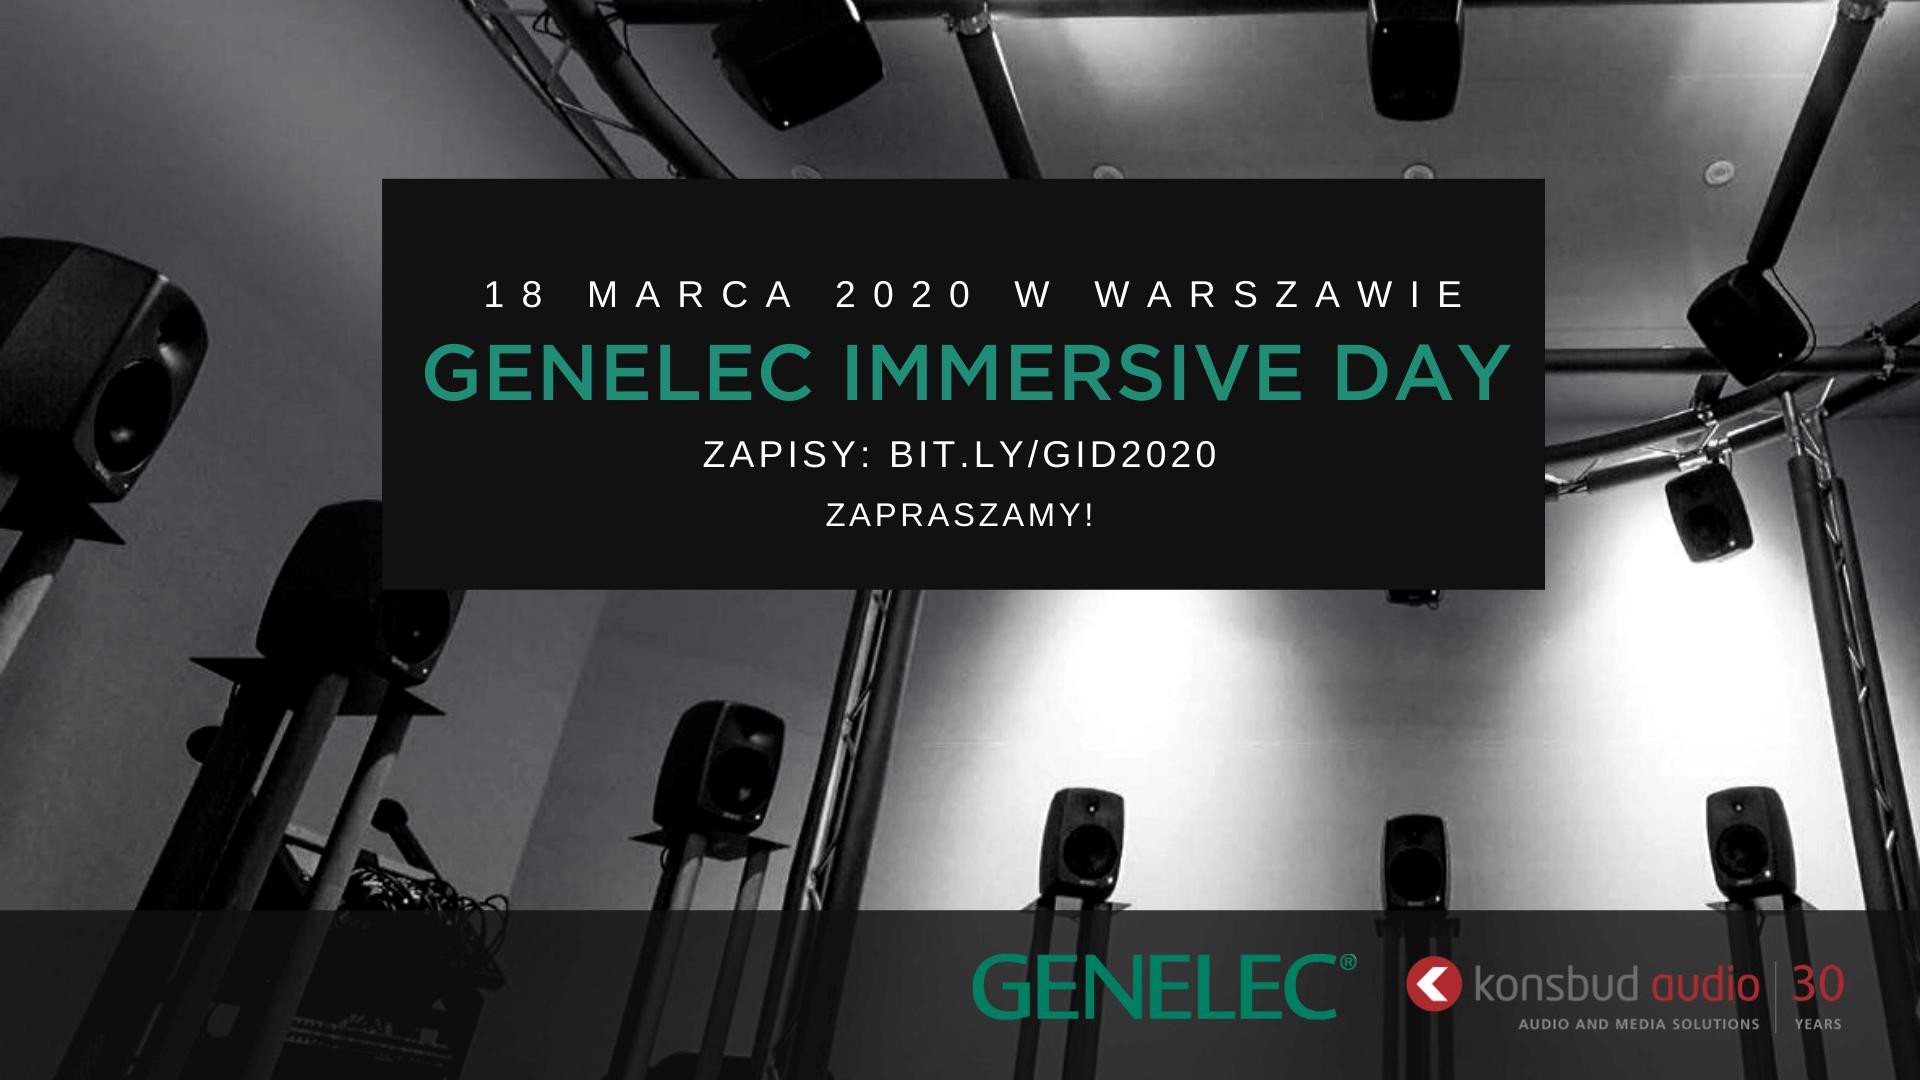 GENELEC IMMERSIVE DAY w Warszawie | 18 marca 2020